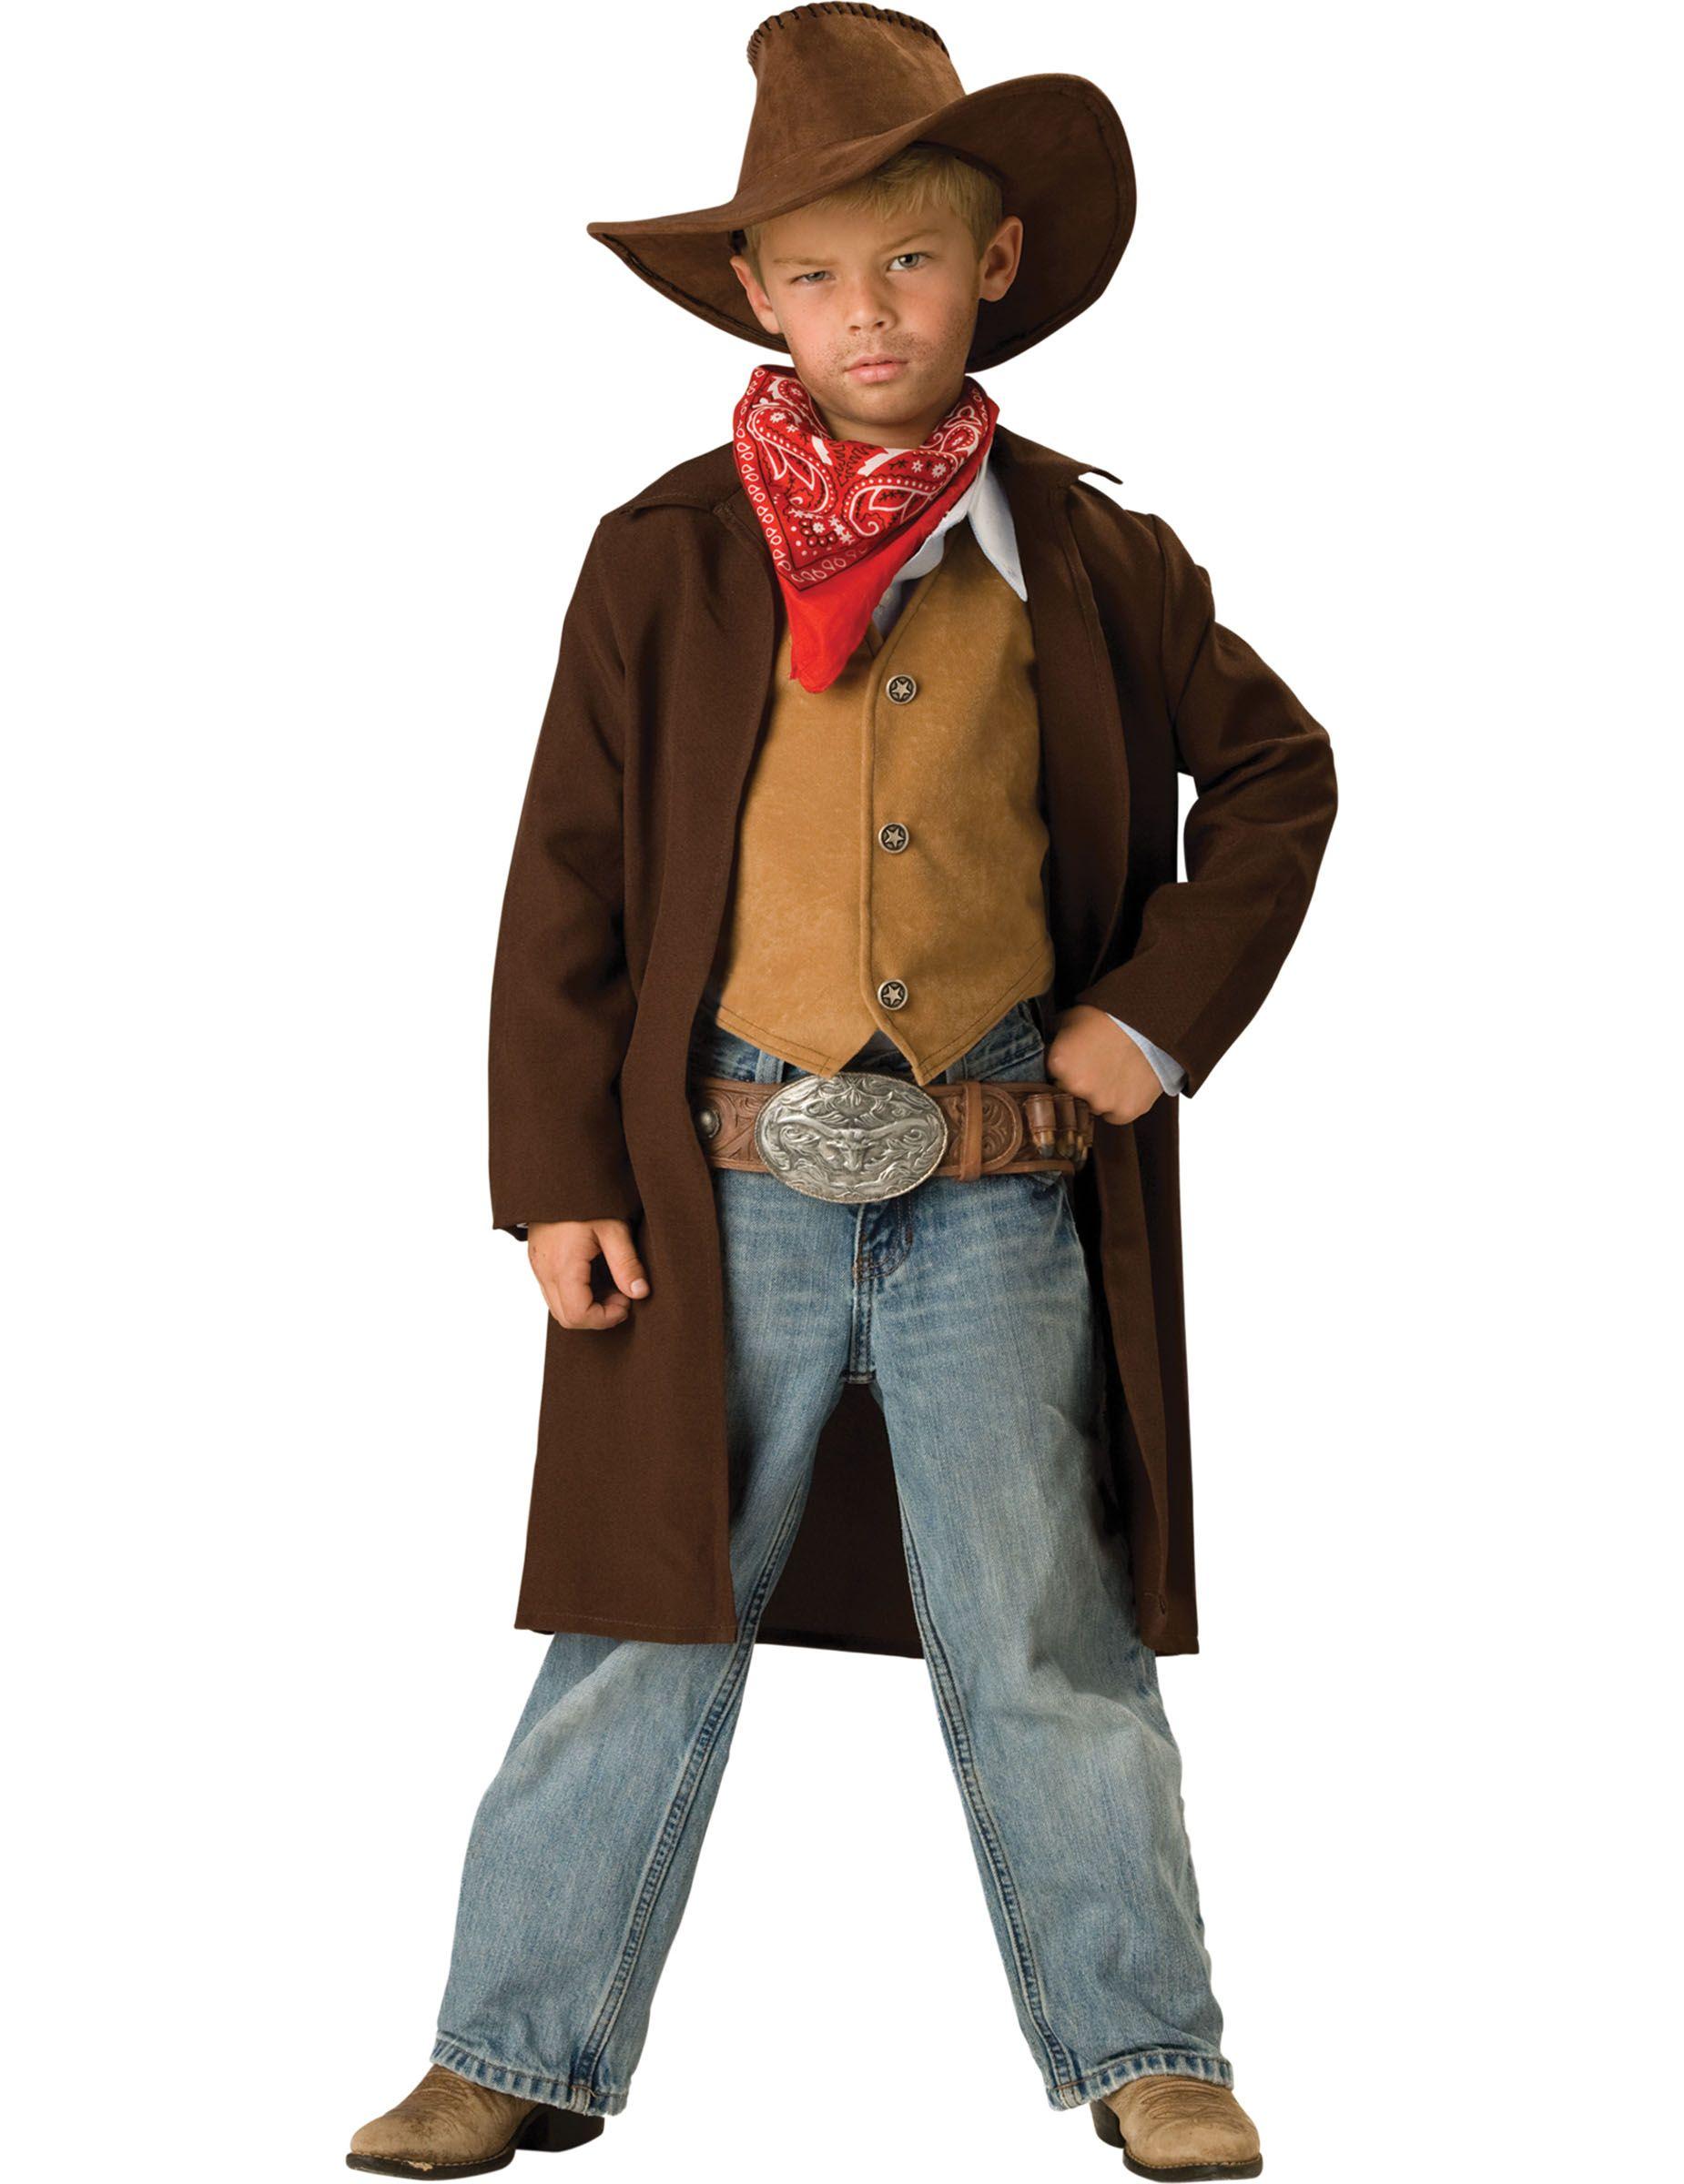 Disfraz Vaquero para niño -Premium  Este disfraz de cowboy para niño  incluye chaqueta de color marrón ac691396349